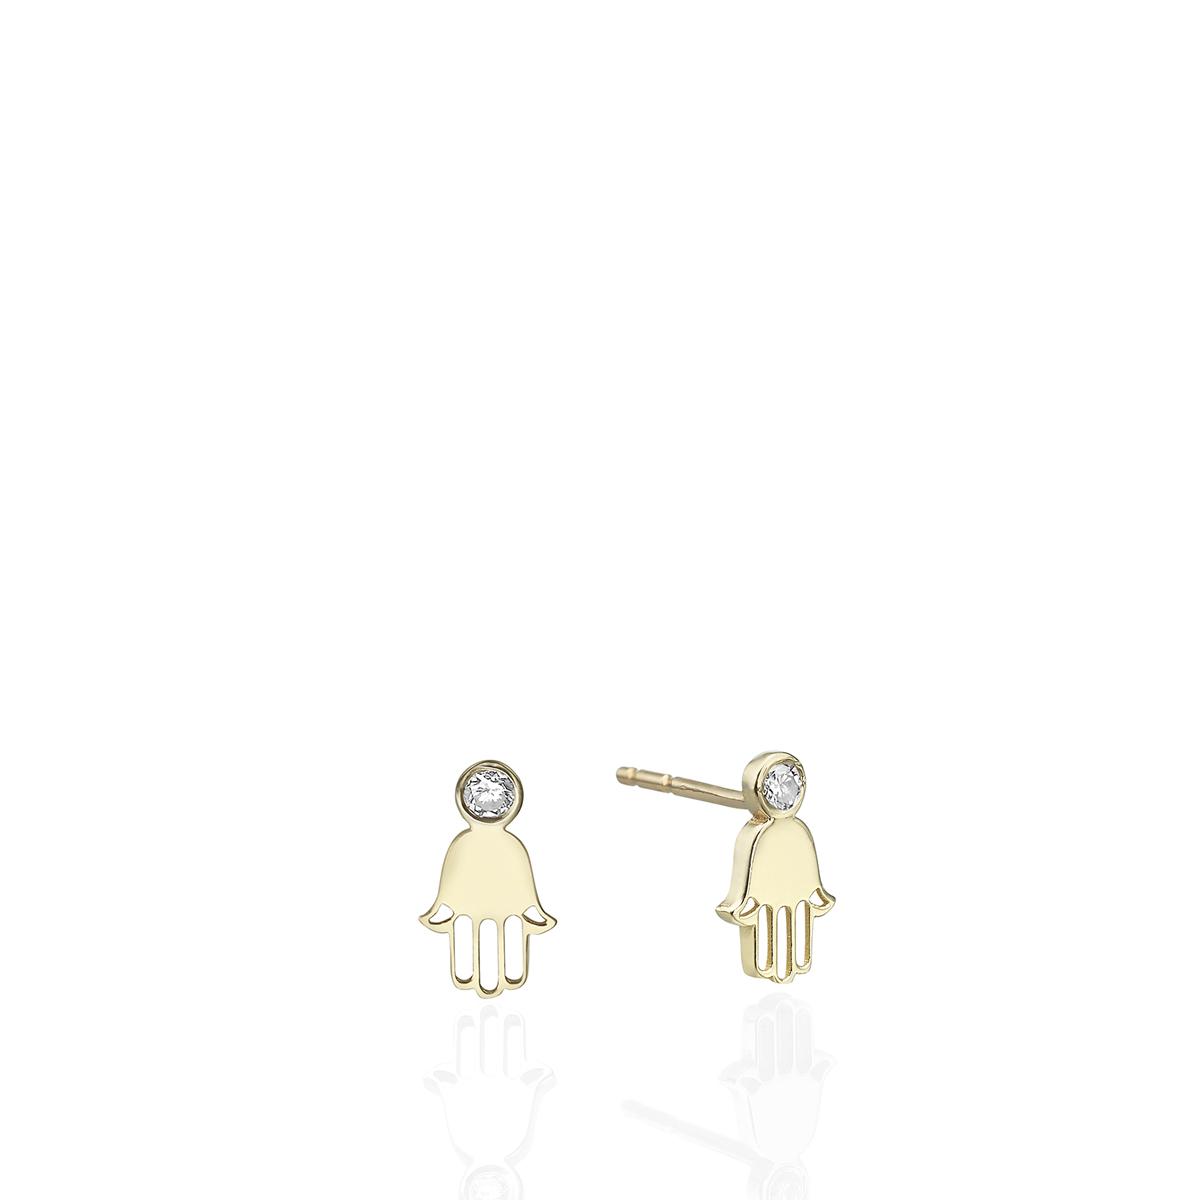 עגילי חמסה צמודים עם יהלומים בעיצוב מדהים